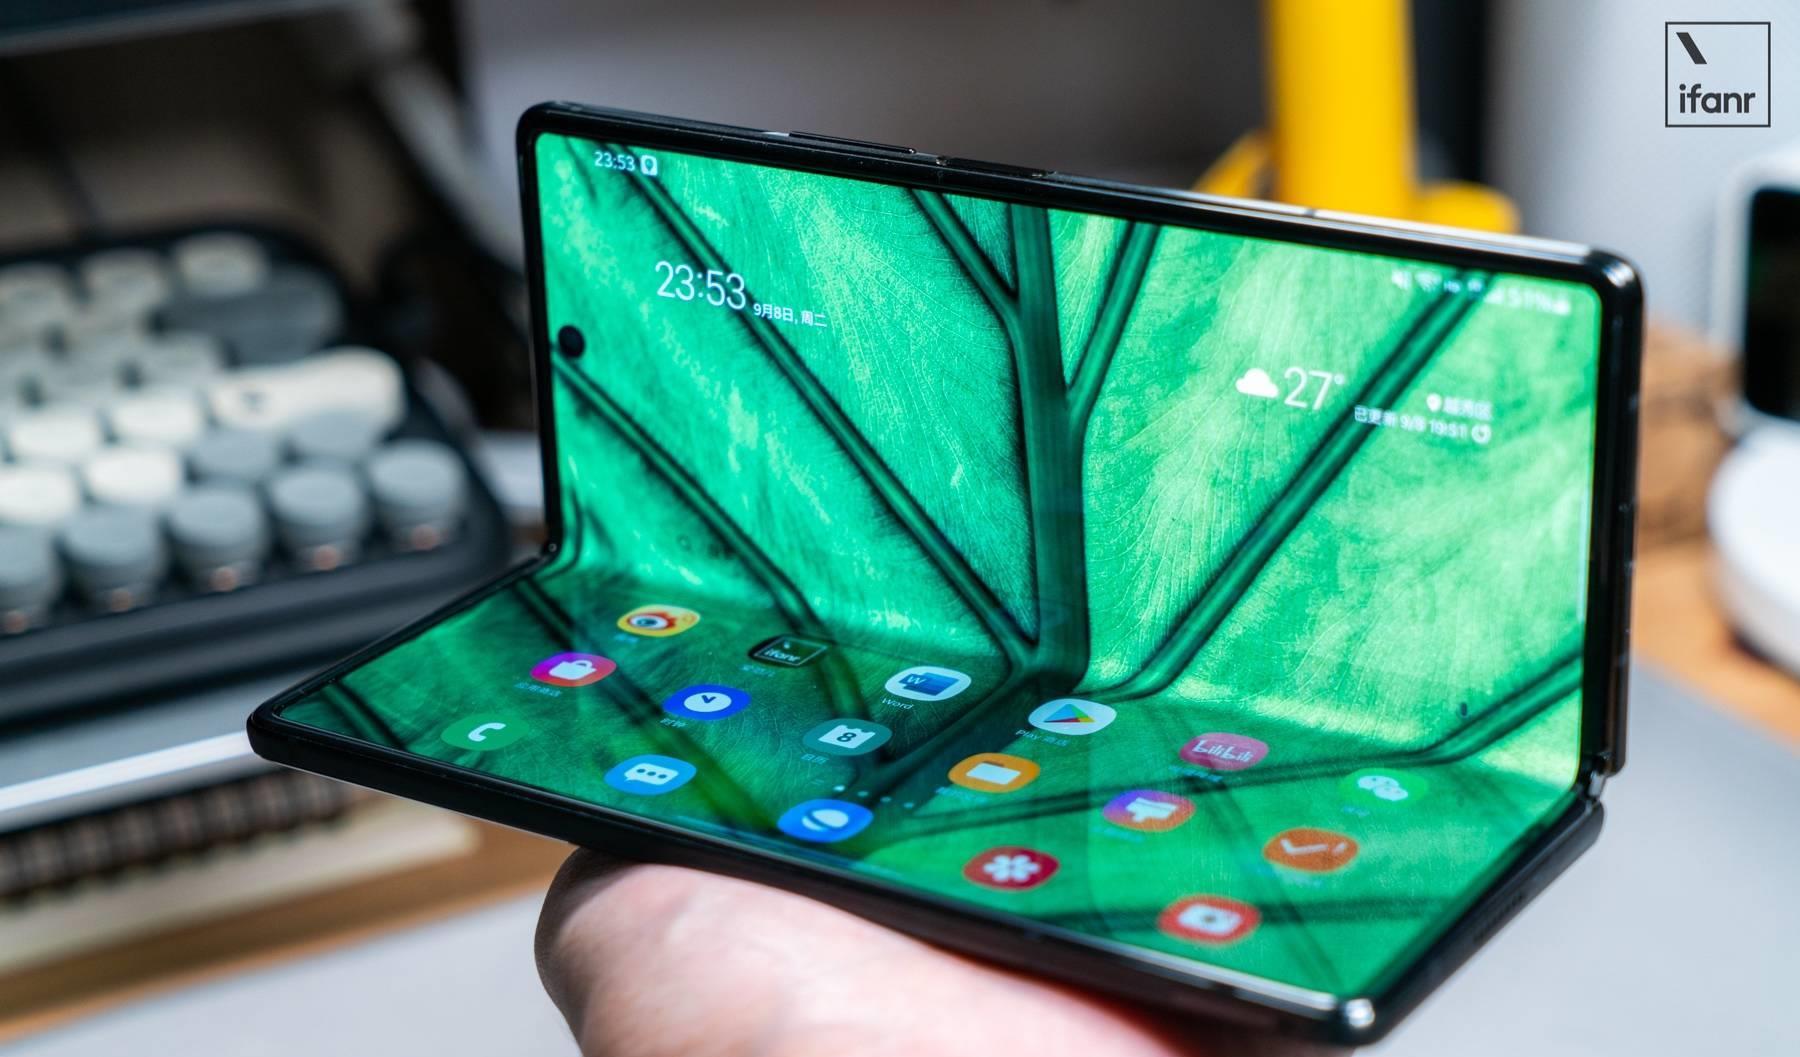 三星 Galaxy Z Fold2 5G 上手:这才是我们想要的折叠屏手机